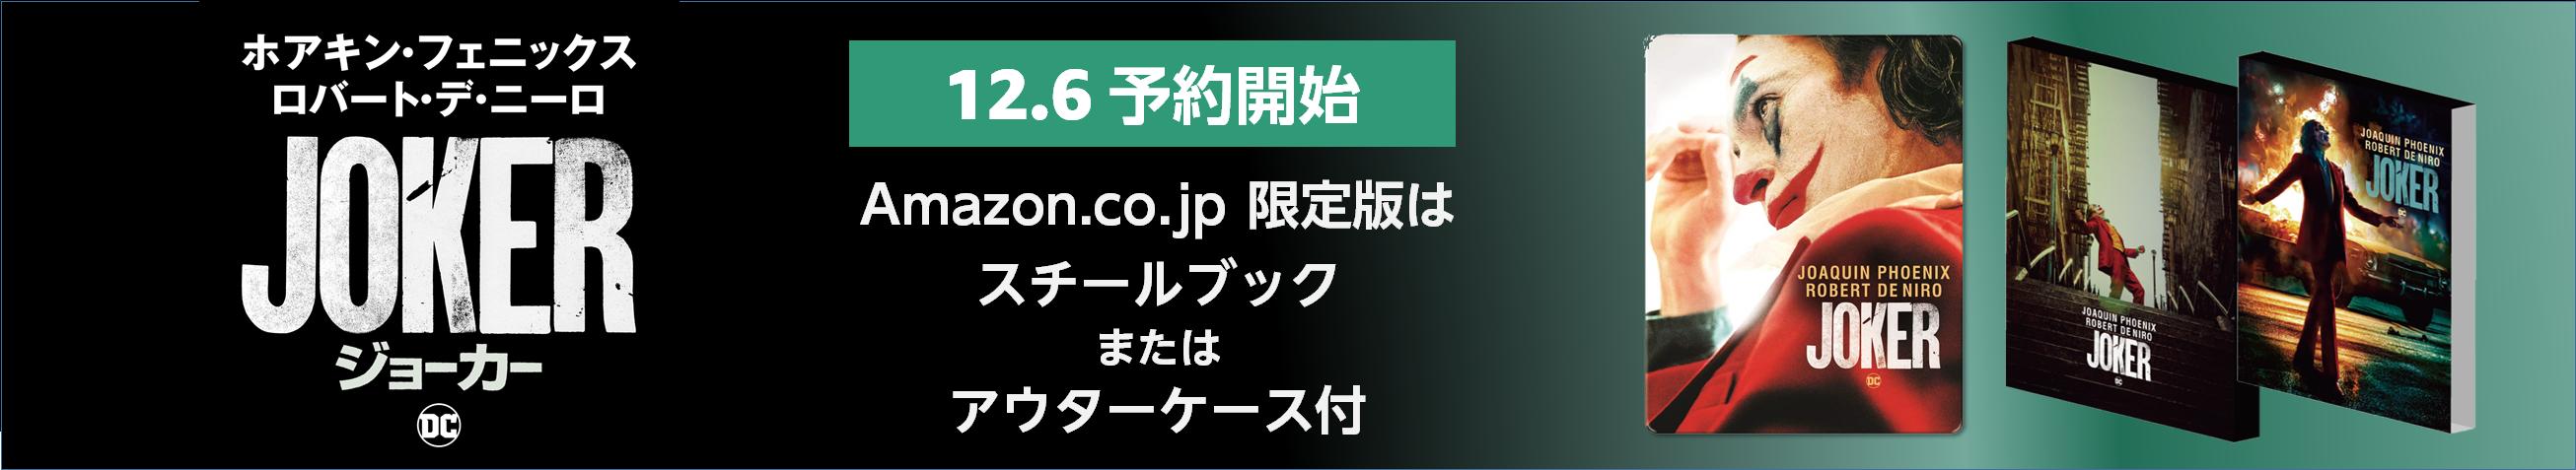 JOKER12月6日解禁